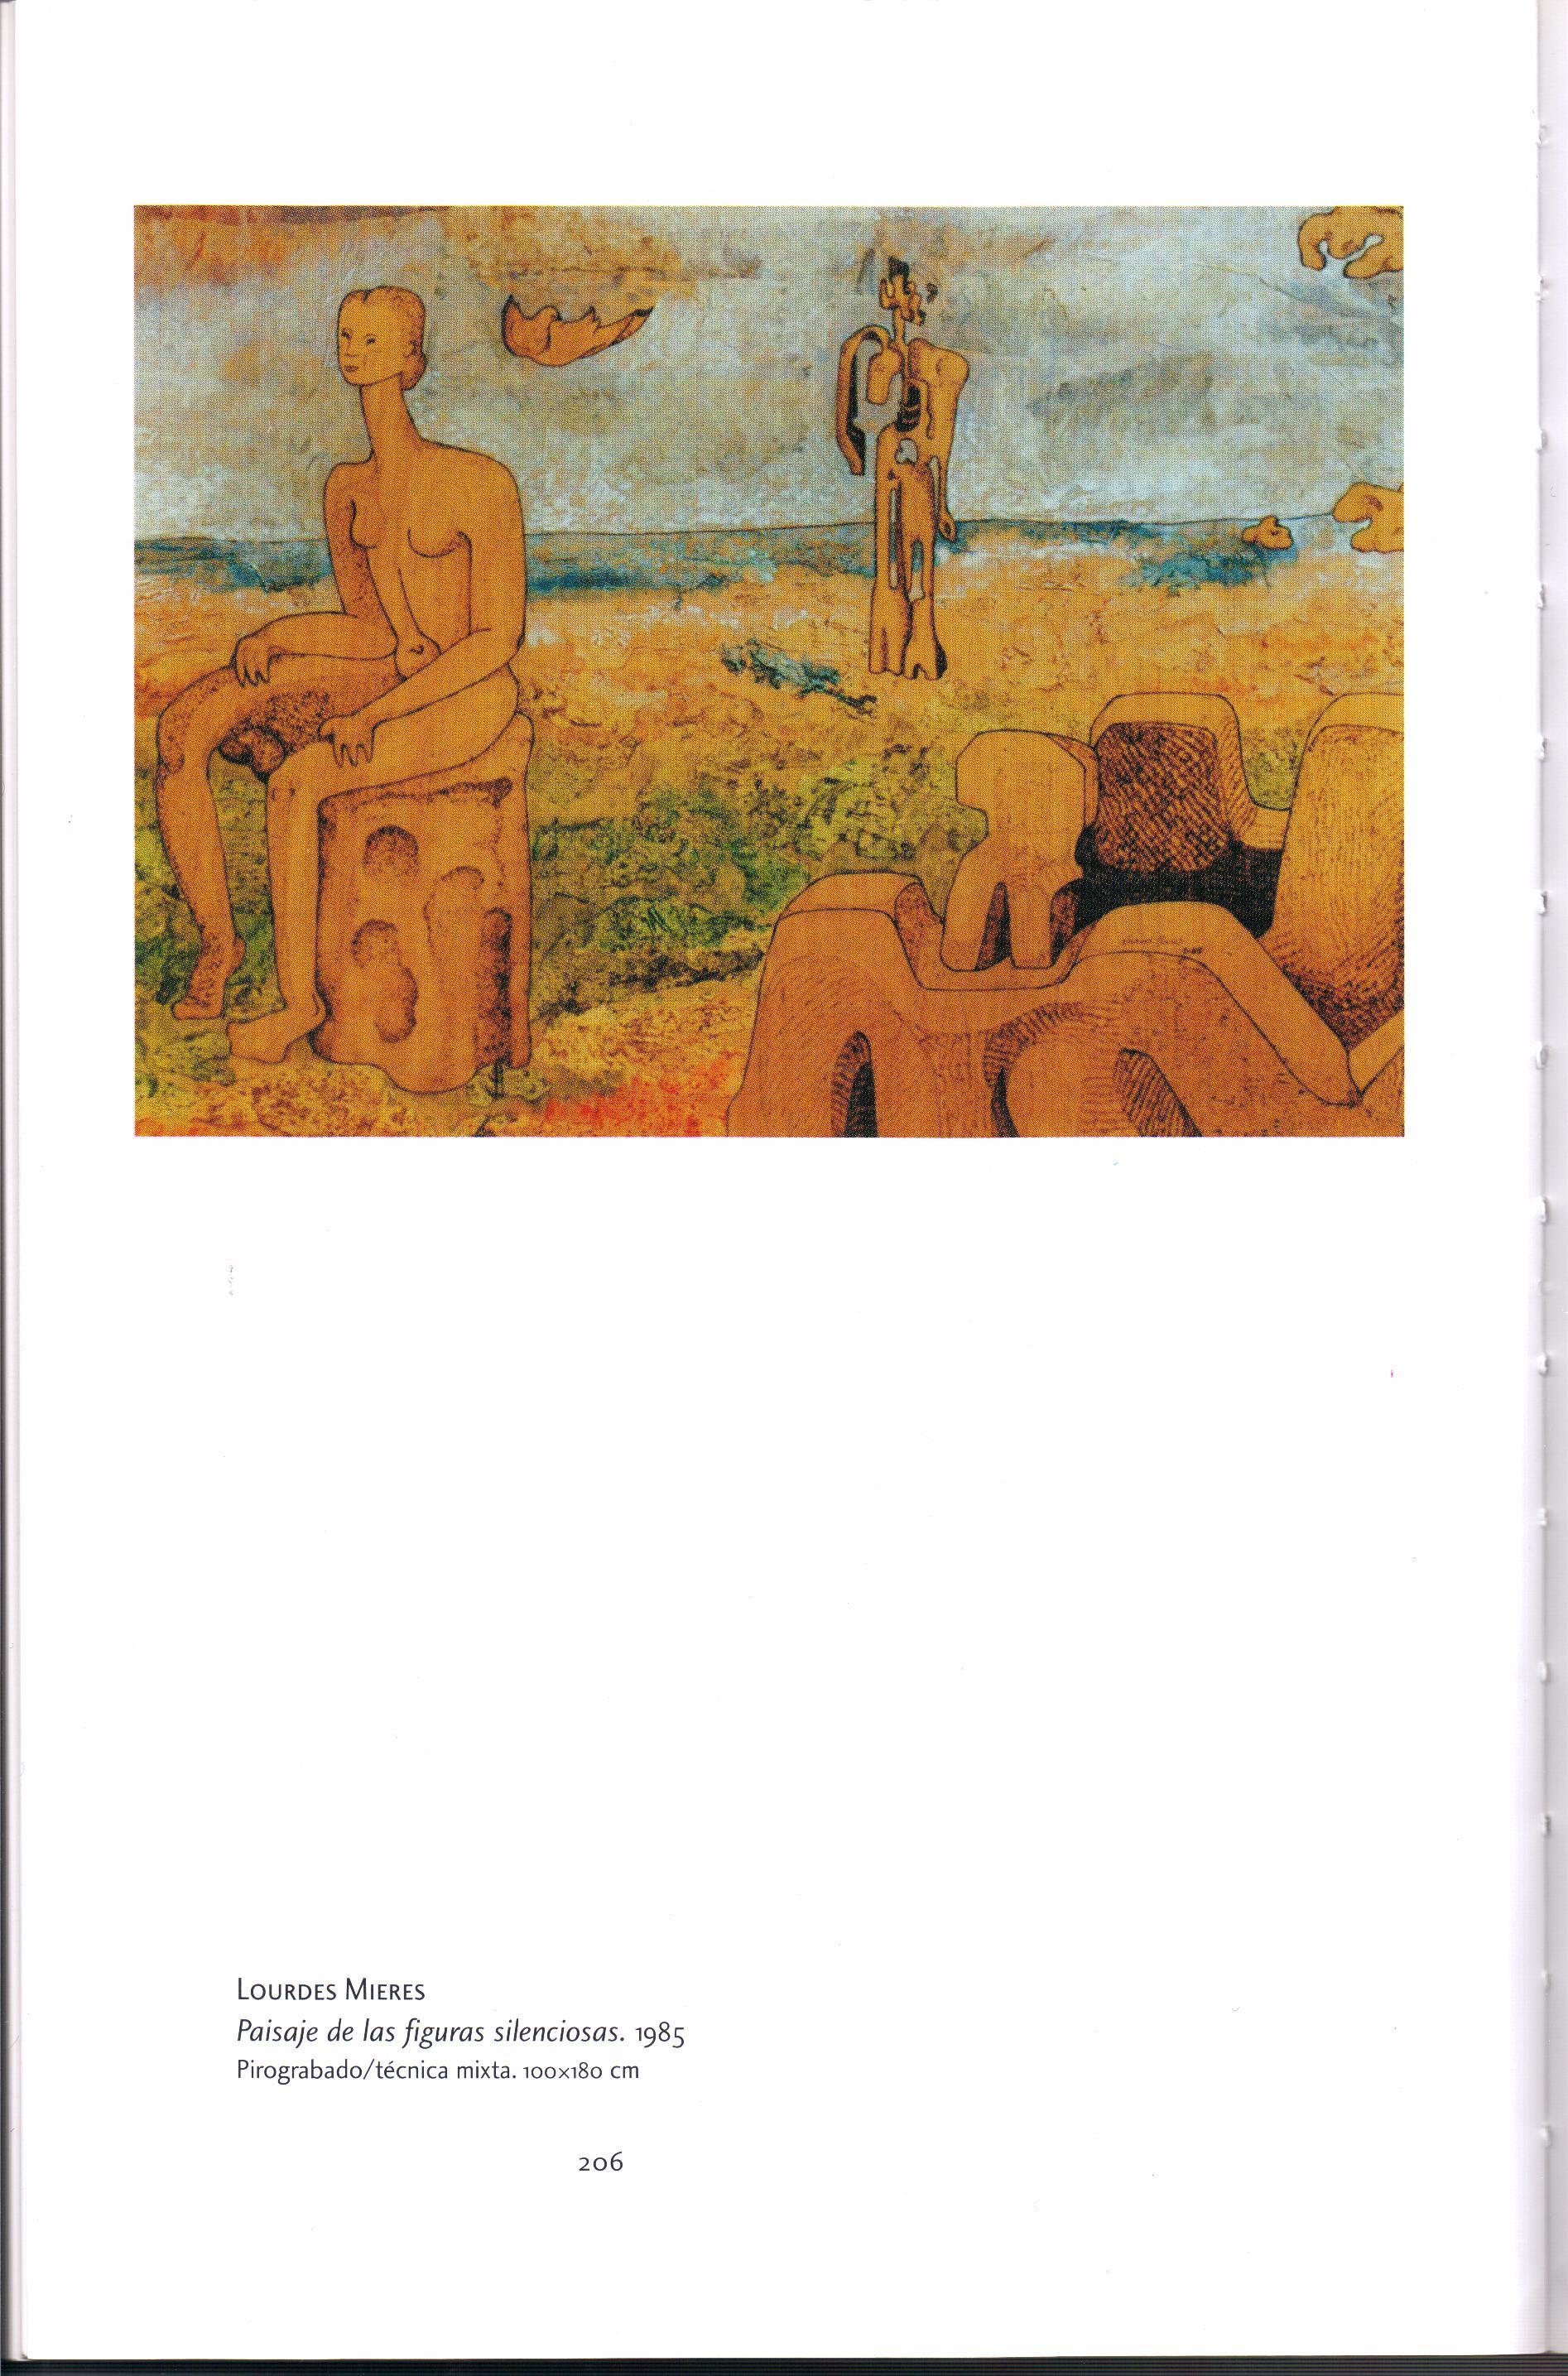 5 Pág. 206 del libro La mujer...